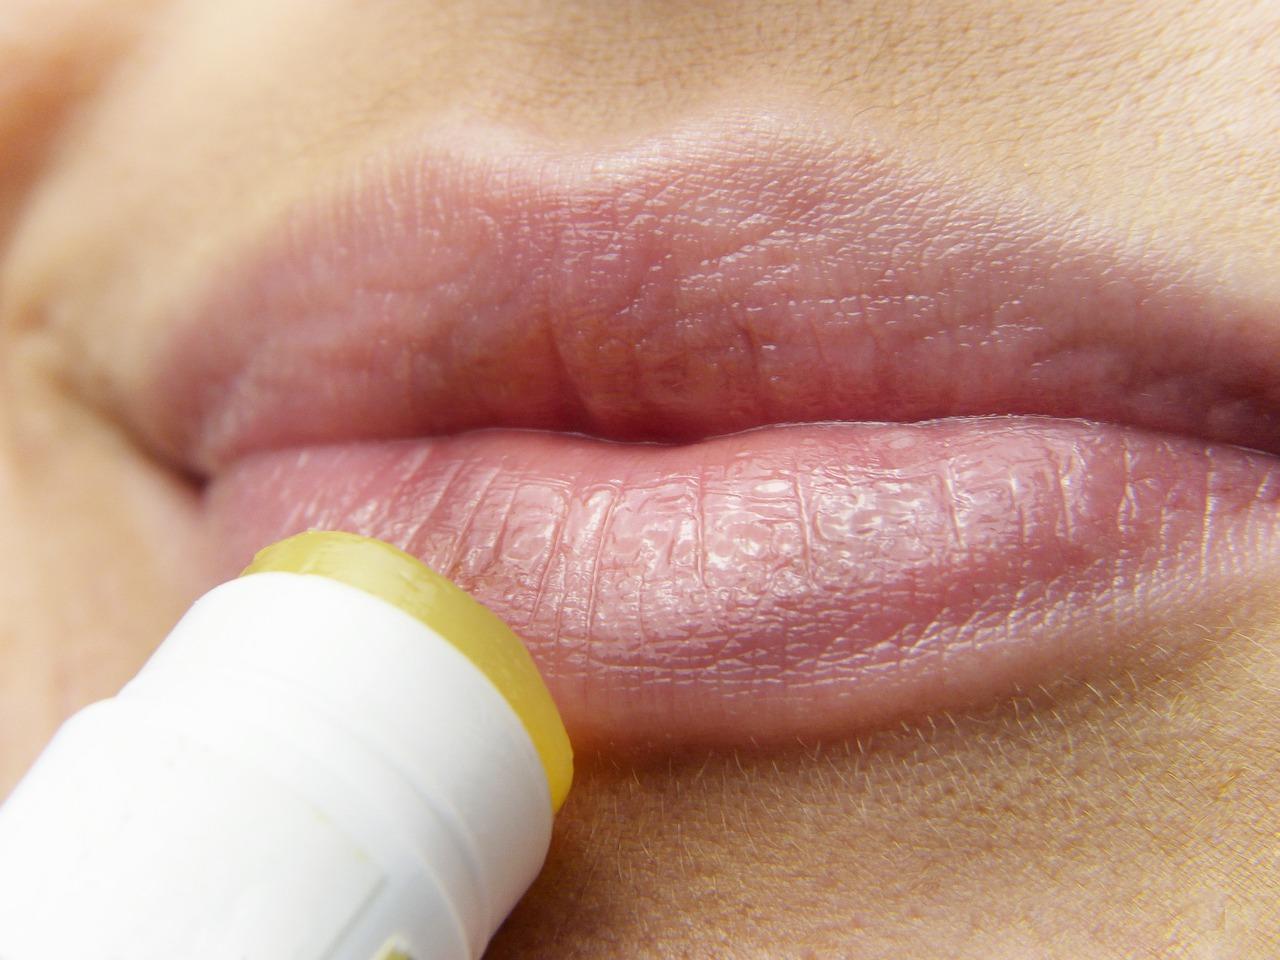 カサカサした唇の集中ケアや保湿にオススメのアイテム